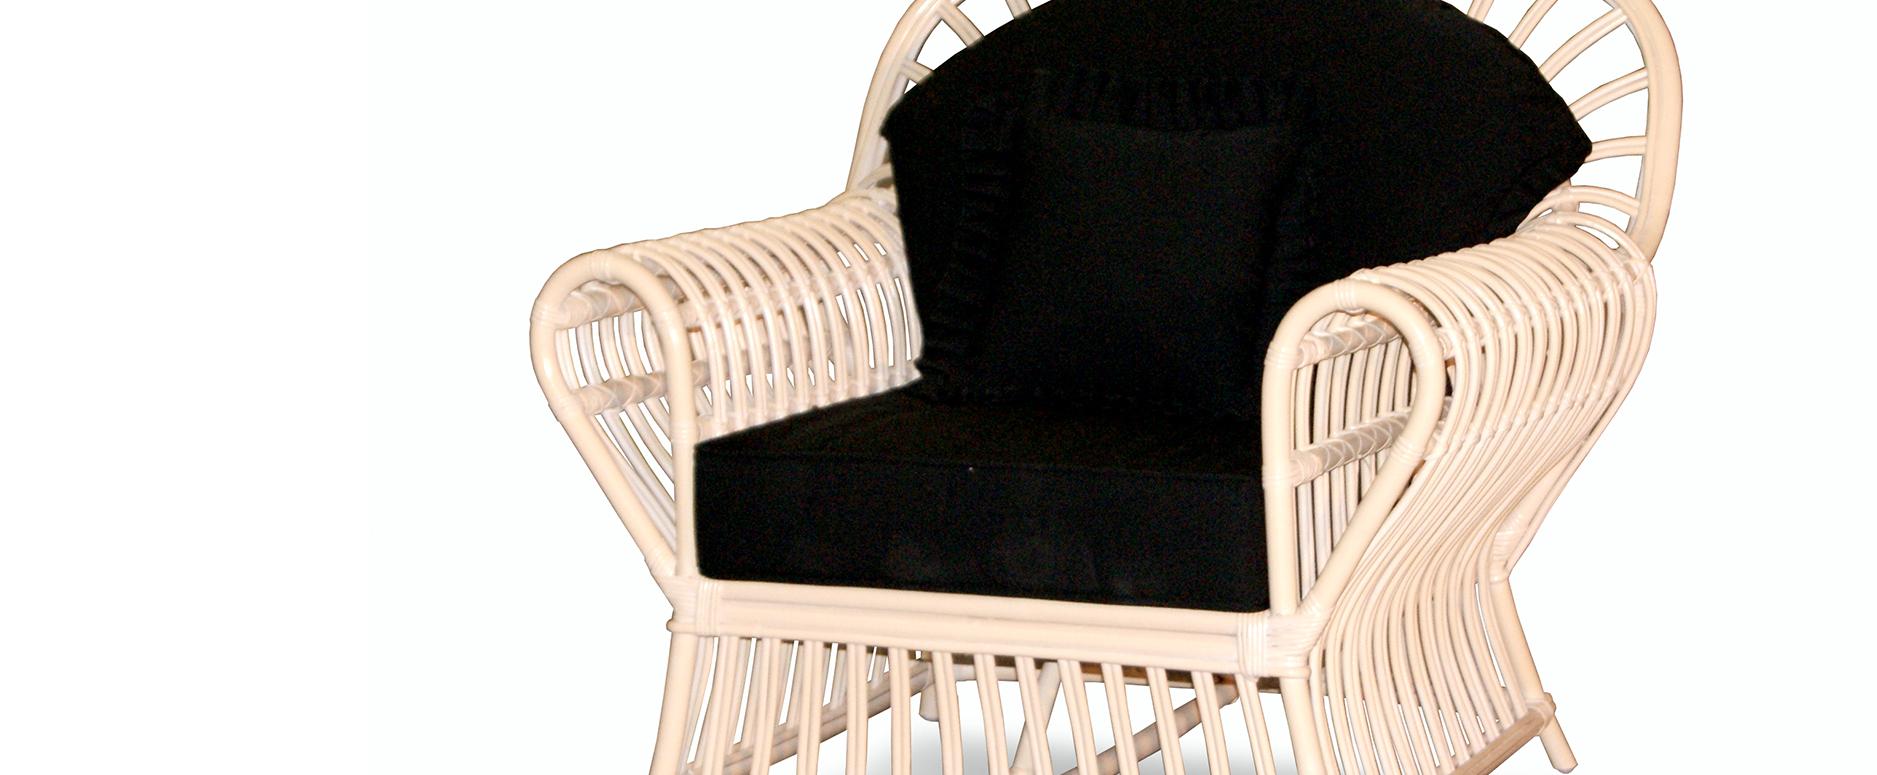 Living chair - SLIDE 2